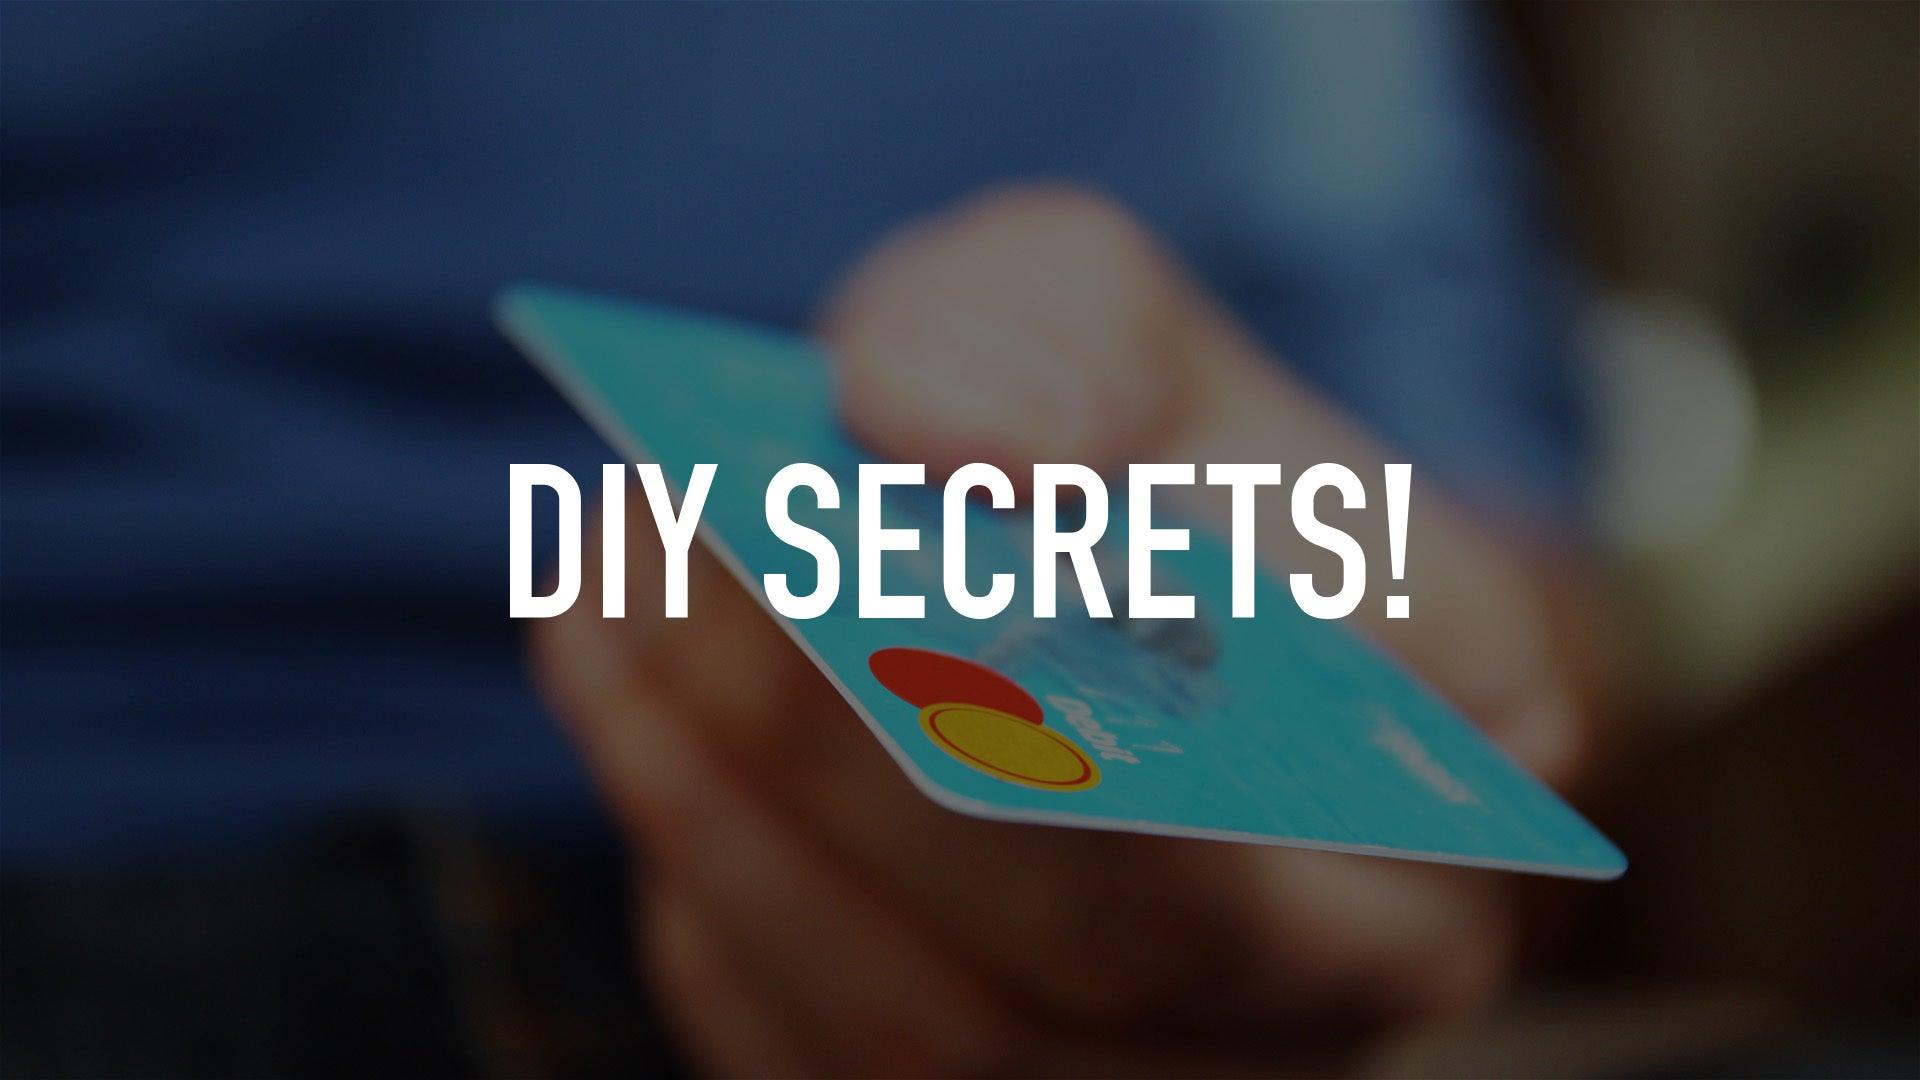 DIY SECRETS!